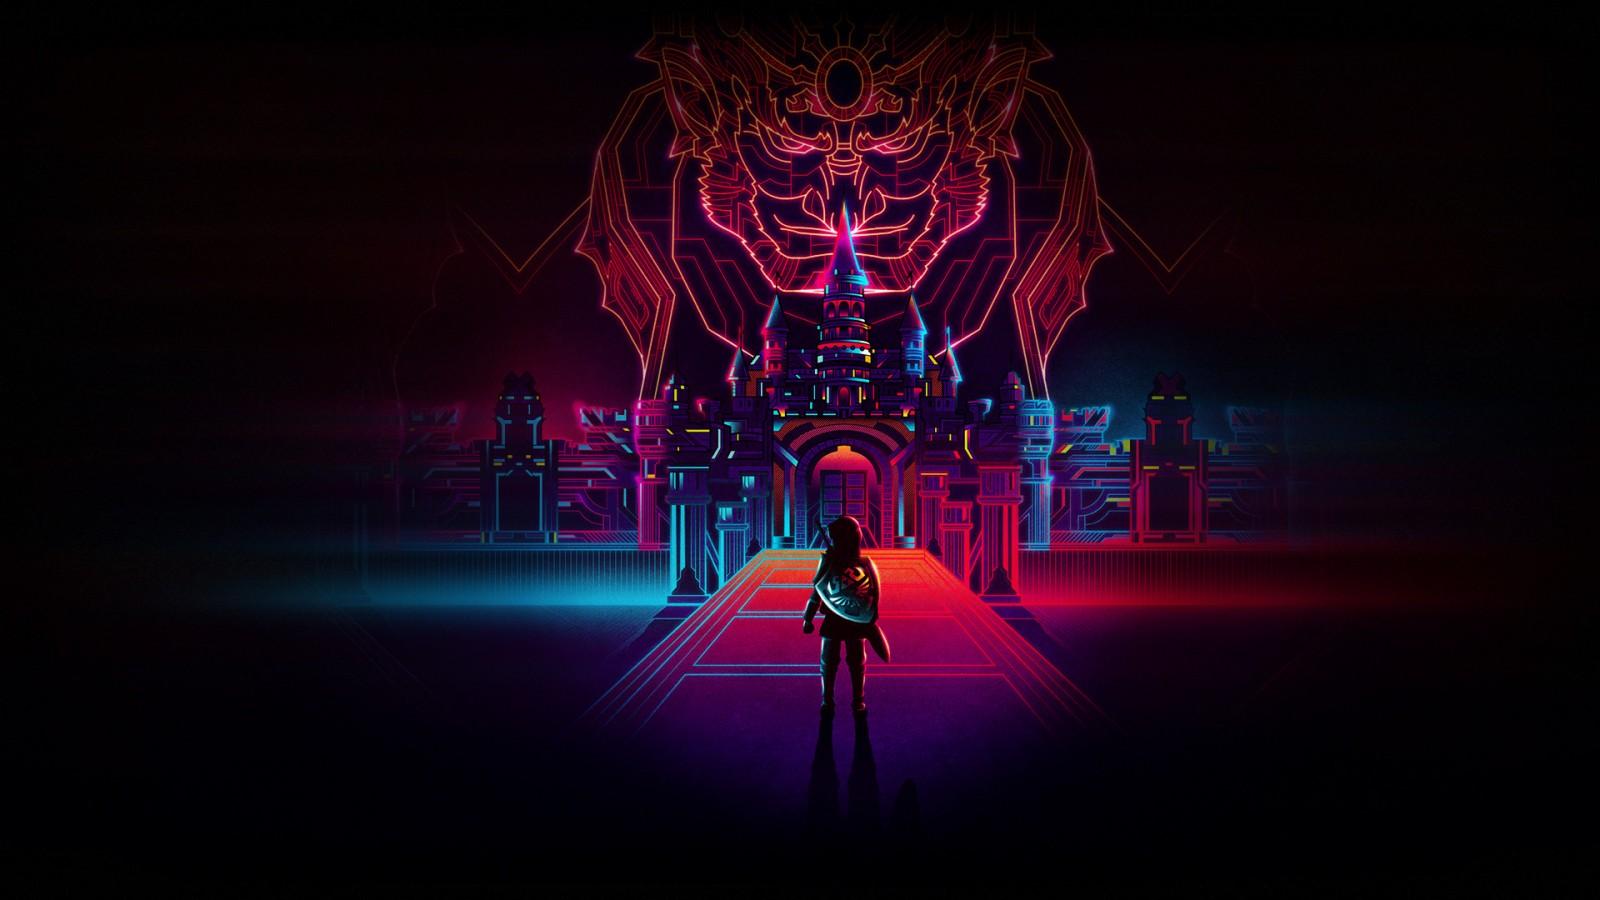 Superman 3d Wallpaper Download Legend Of Zelda Retro Neon Wallpapers Hd Wallpapers Id